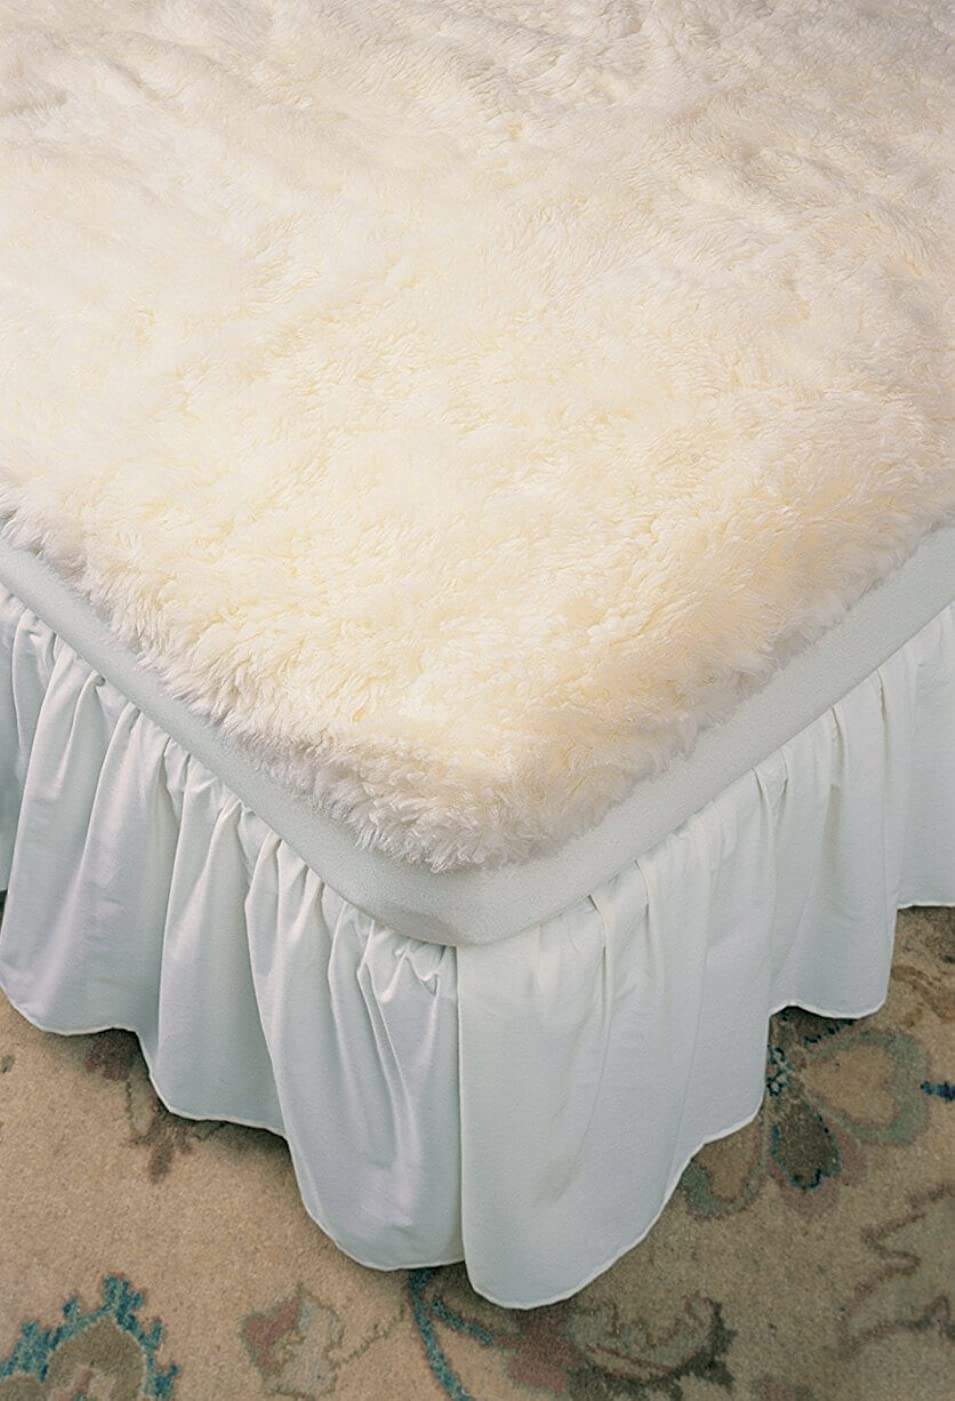 (Queen) - Ultimatt Fully-Fitted Wool Mattress Pads